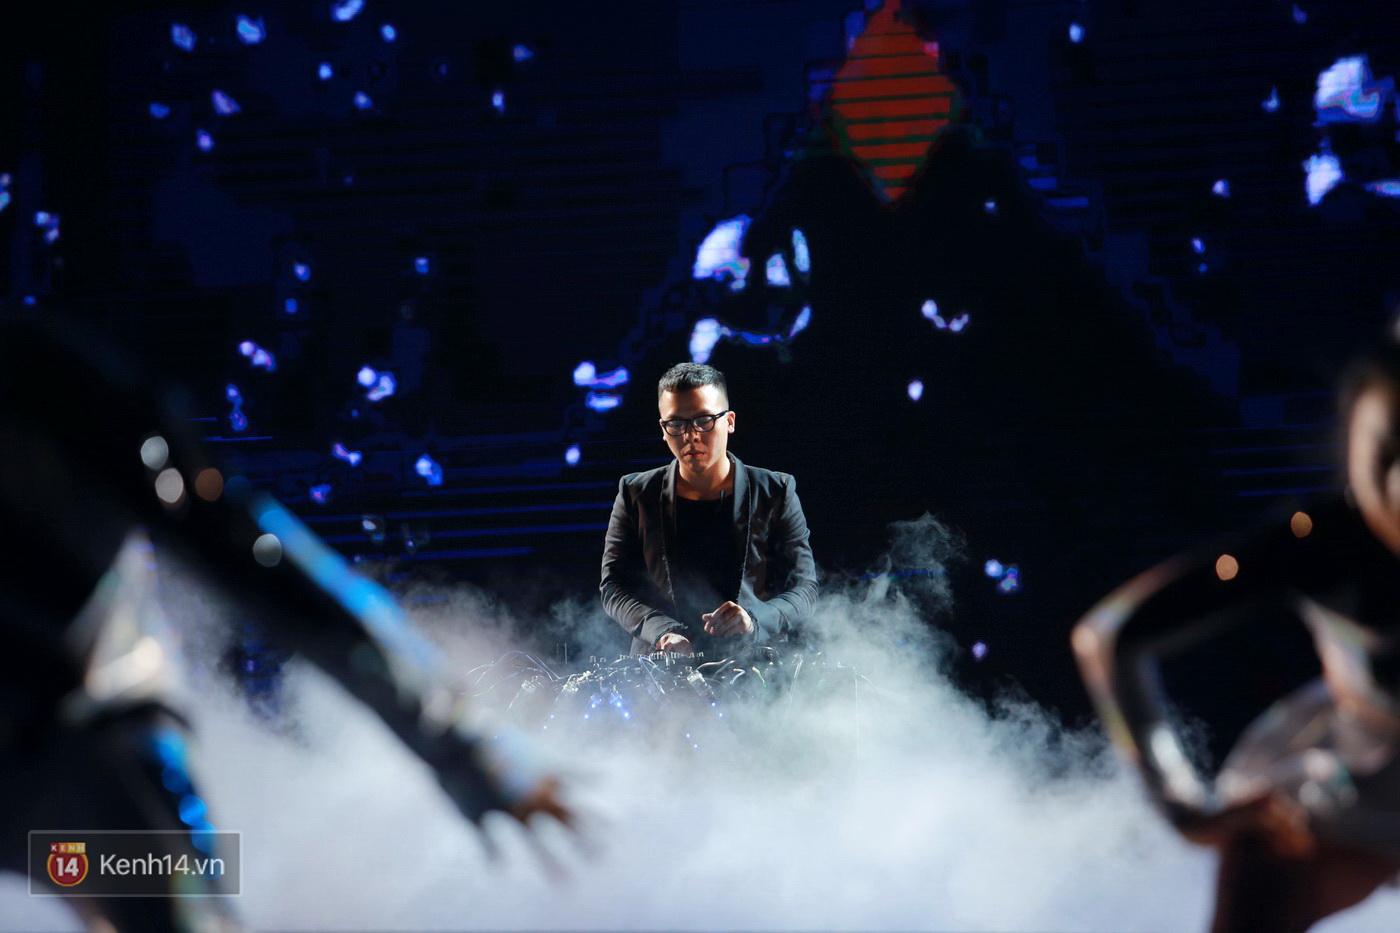 Hết gây bất ngờ khi xuất hiện từ trên cao, Đông Nhi lại tắm mưa trước 8.000 khán giả trên sân khấu - Ảnh 24.